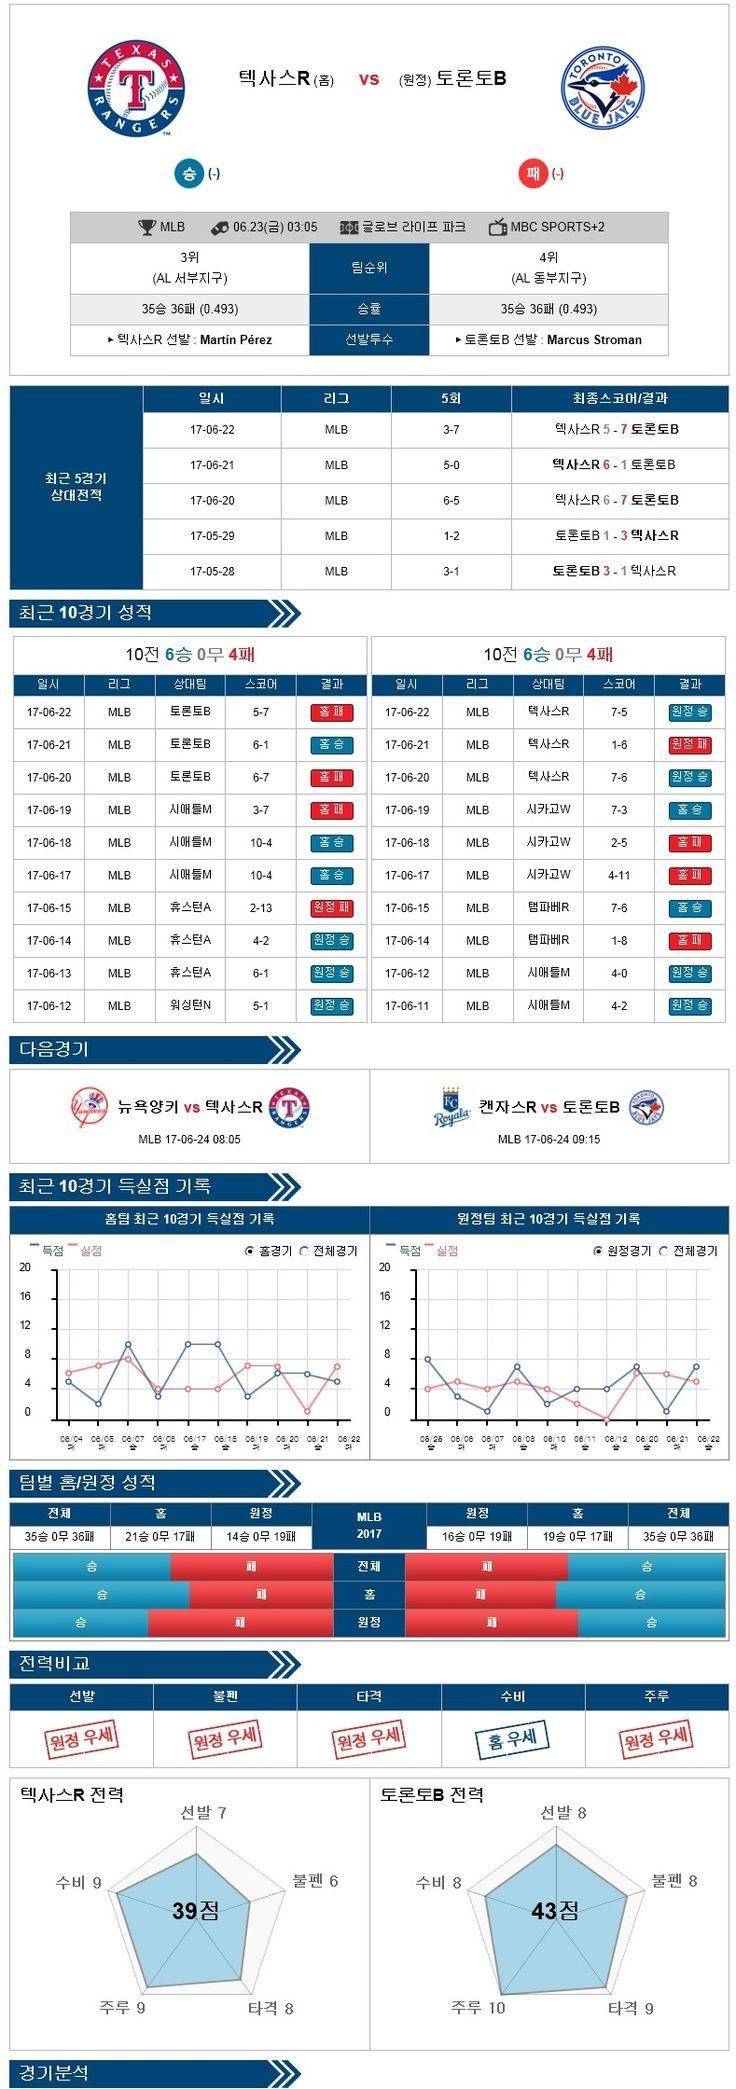 [MLB] 6월 23일 야구분석픽 텍사스 vs 토론토 ★토토군 분석픽★